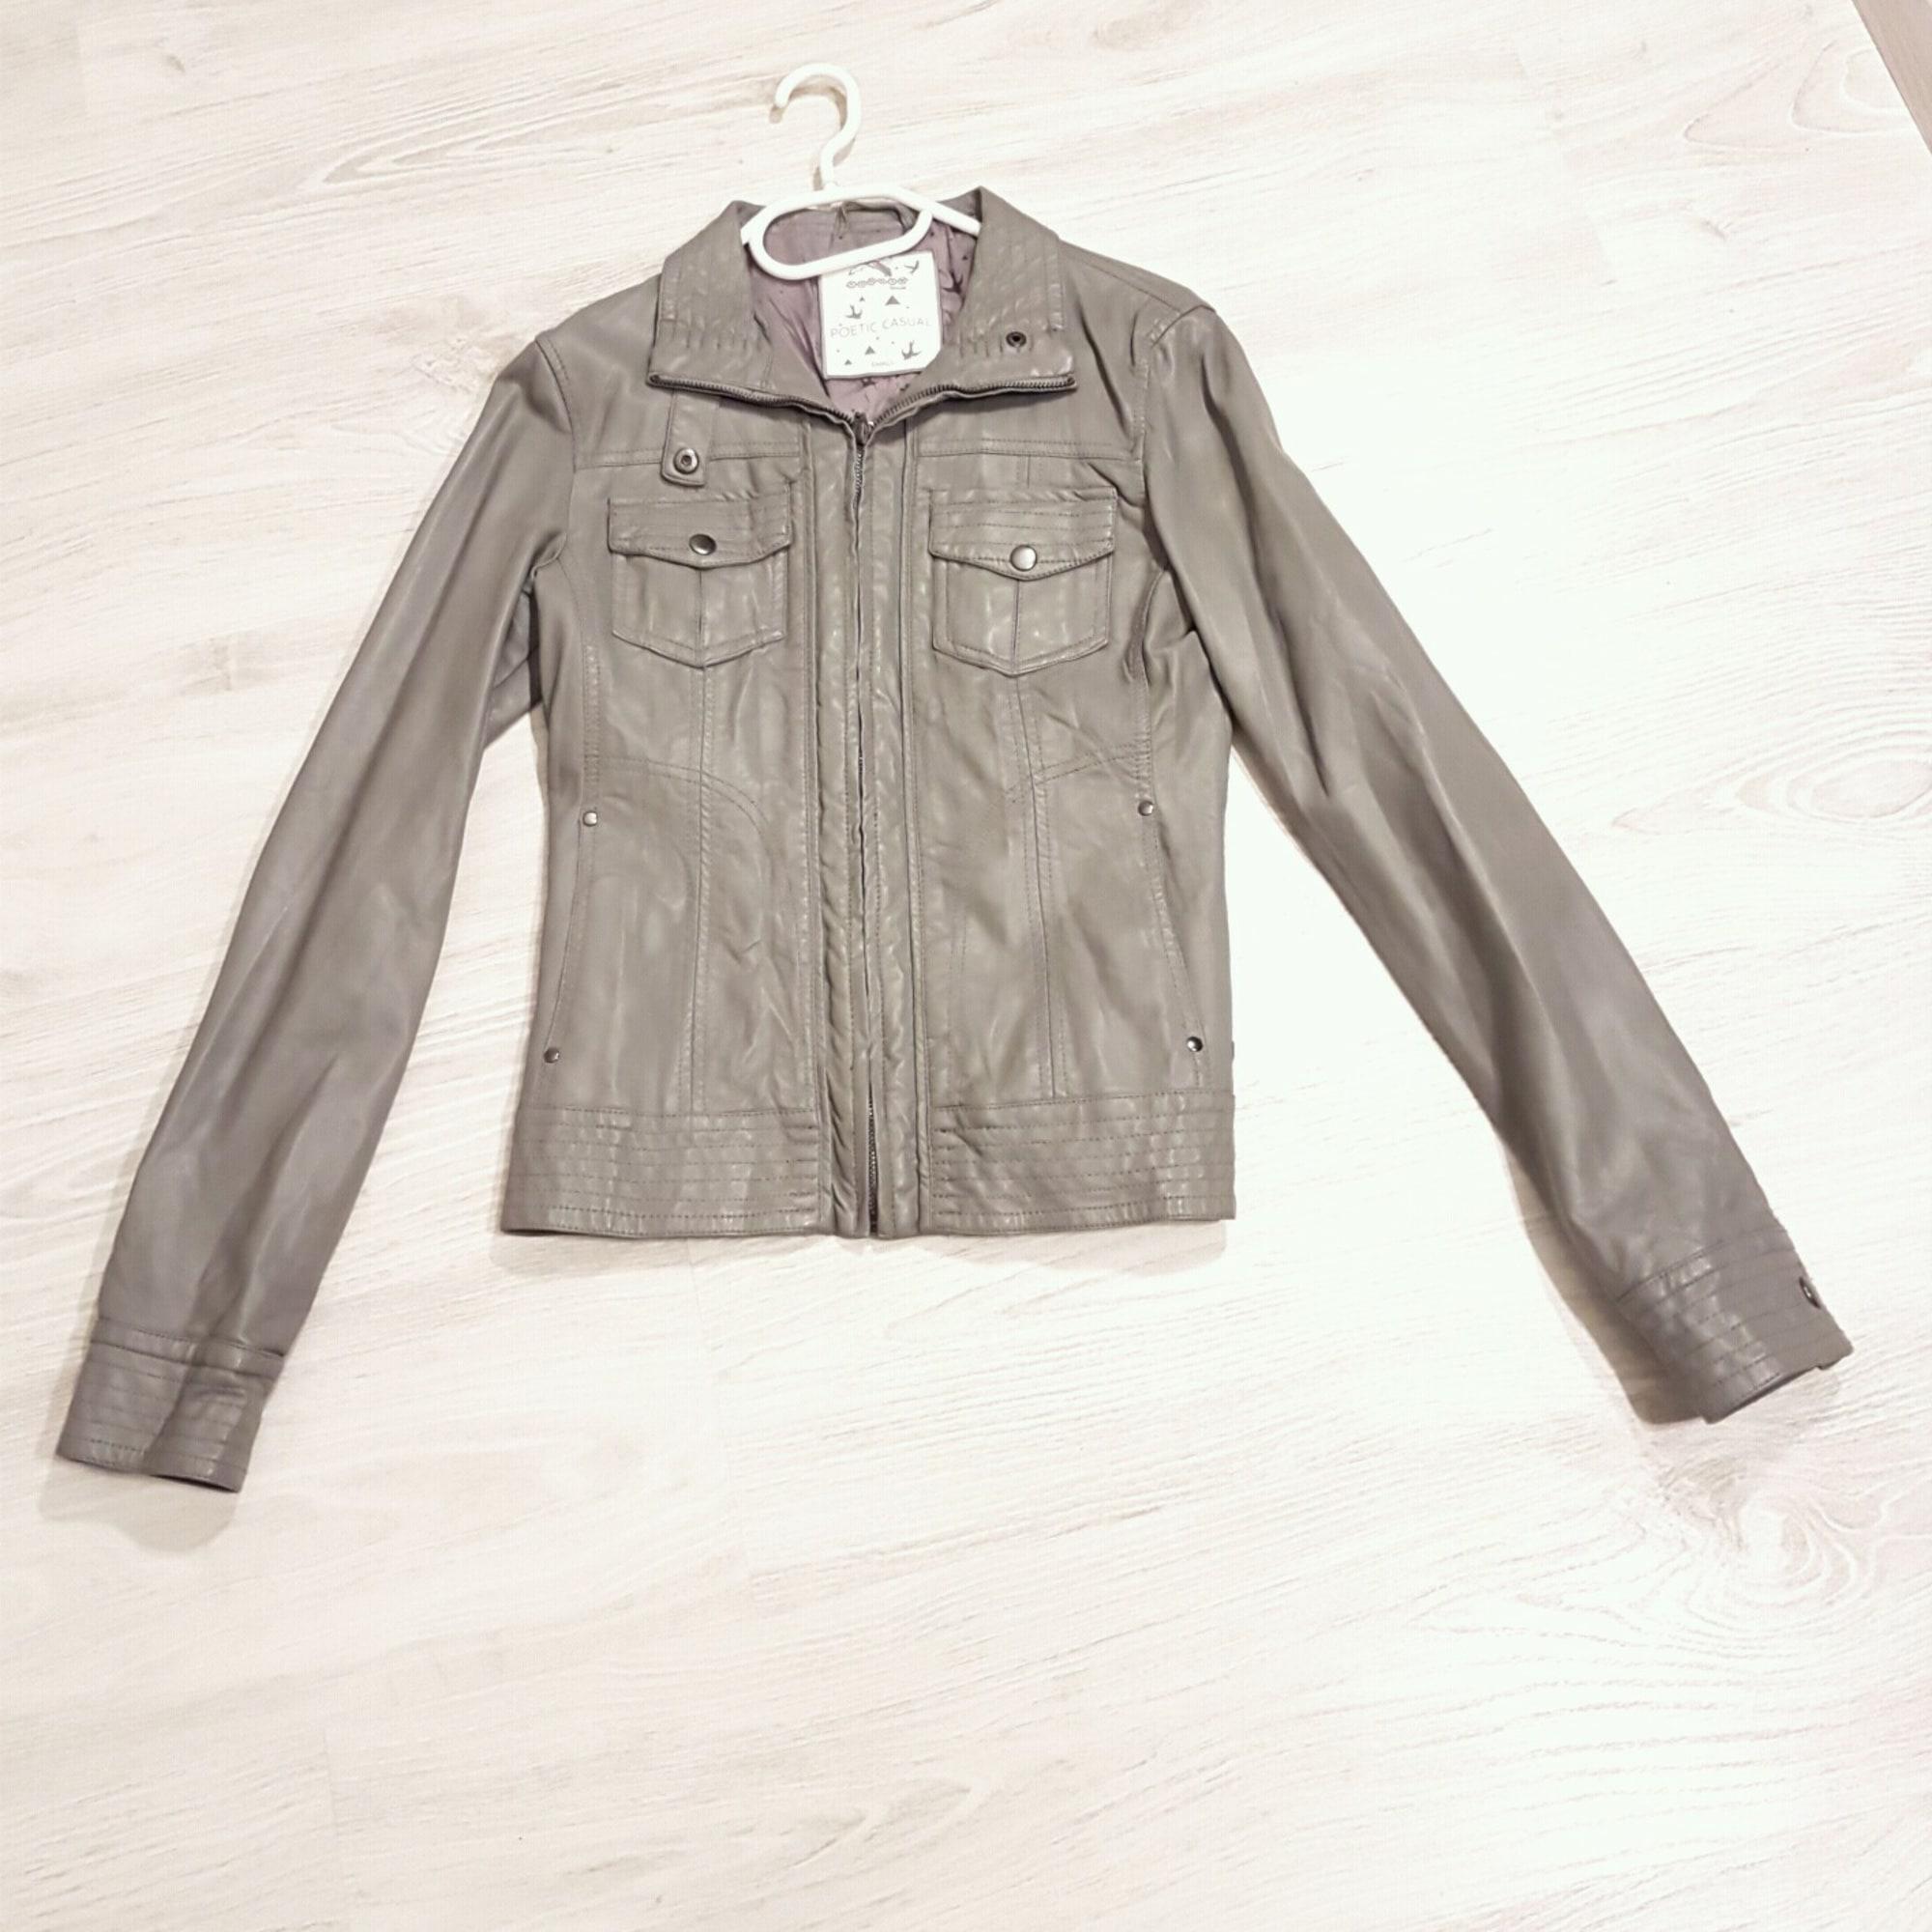 5822764 Autre Jeans Veste Gris Bonobo Ox67S6qz